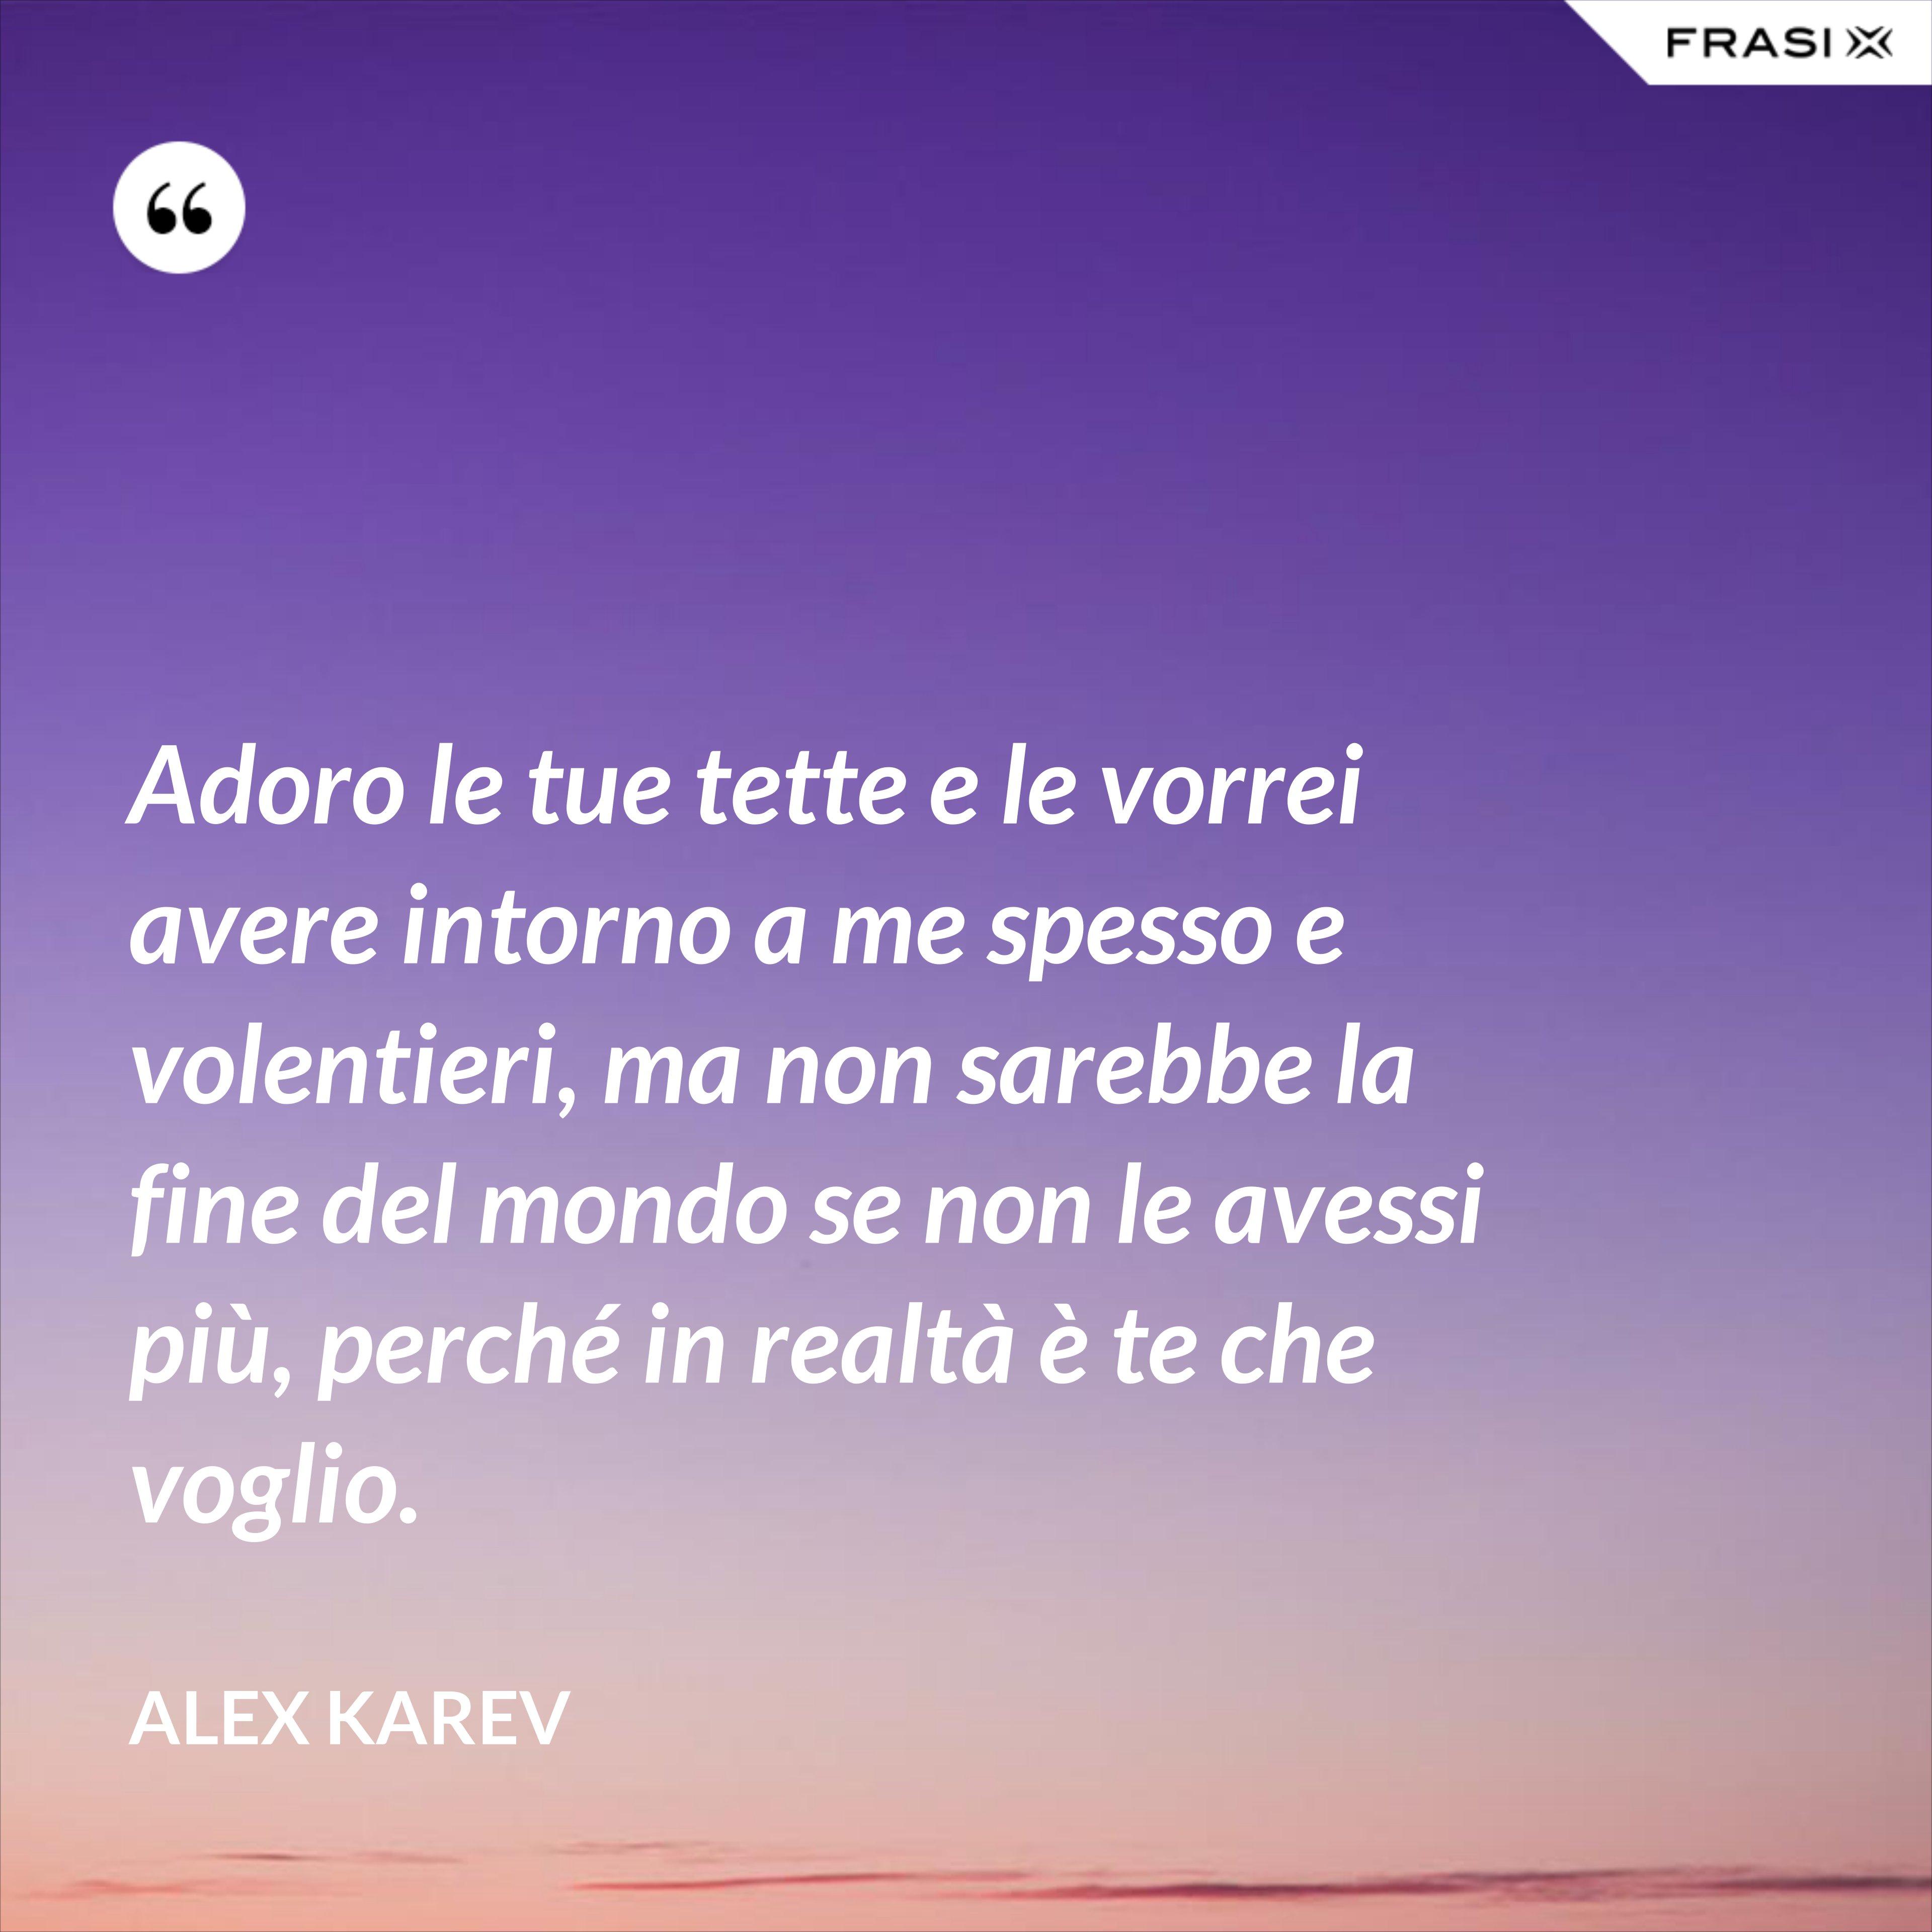 Adoro le tue tette e le vorrei avere intorno a me spesso e volentieri, ma non sarebbe la fine del mondo se non le avessi più, perché in realtà è te che voglio. - Alex Karev